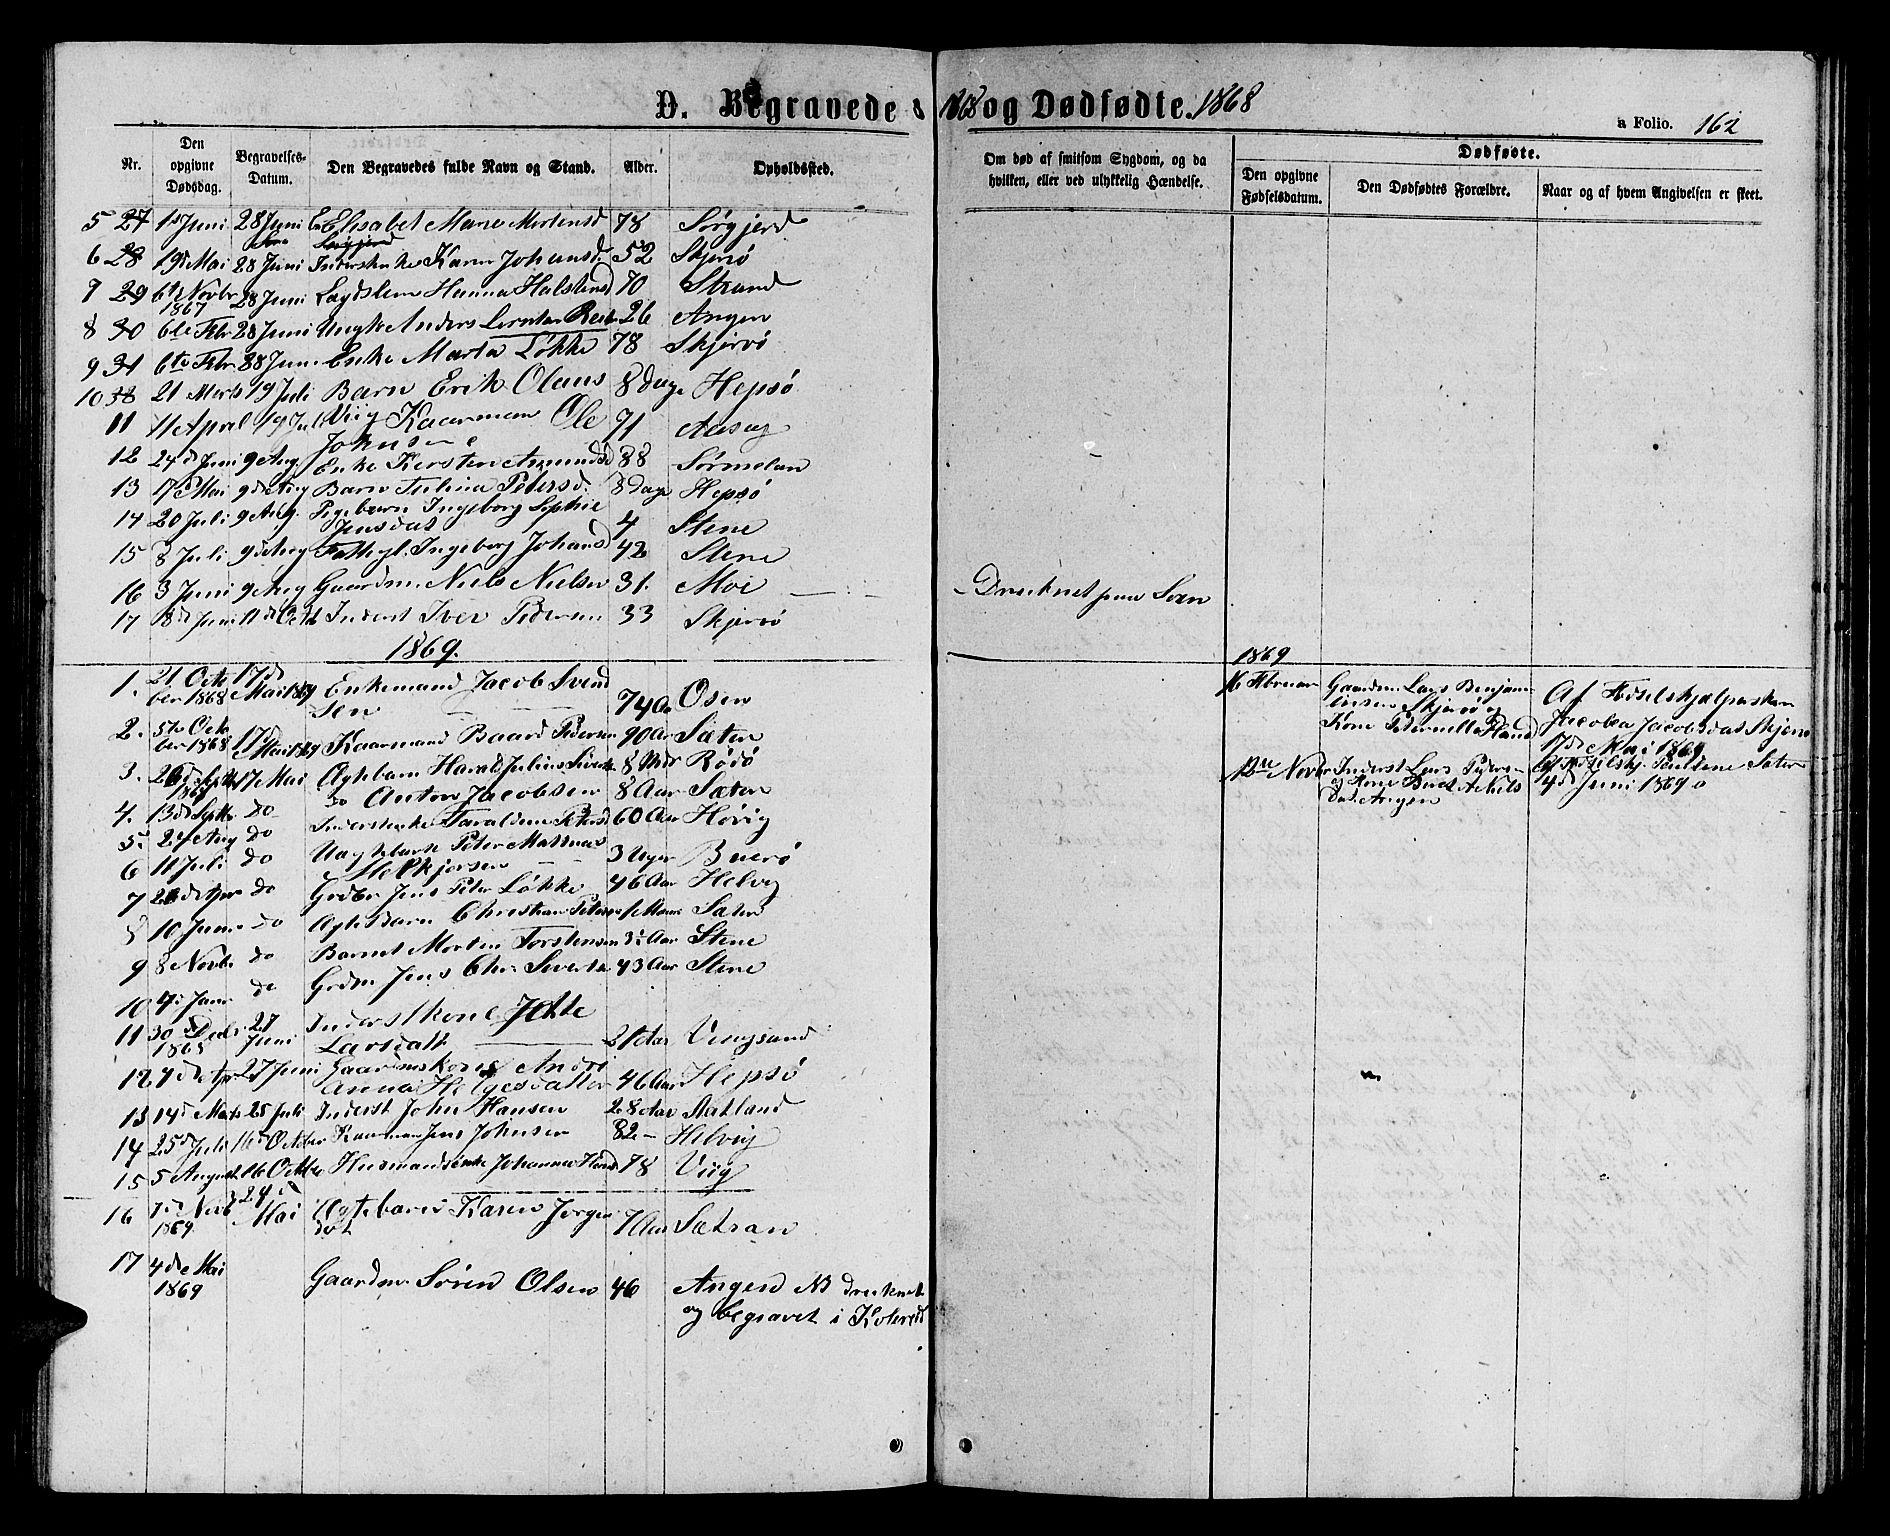 SAT, Ministerialprotokoller, klokkerbøker og fødselsregistre - Sør-Trøndelag, 658/L0725: Klokkerbok nr. 658C01, 1867-1882, s. 162